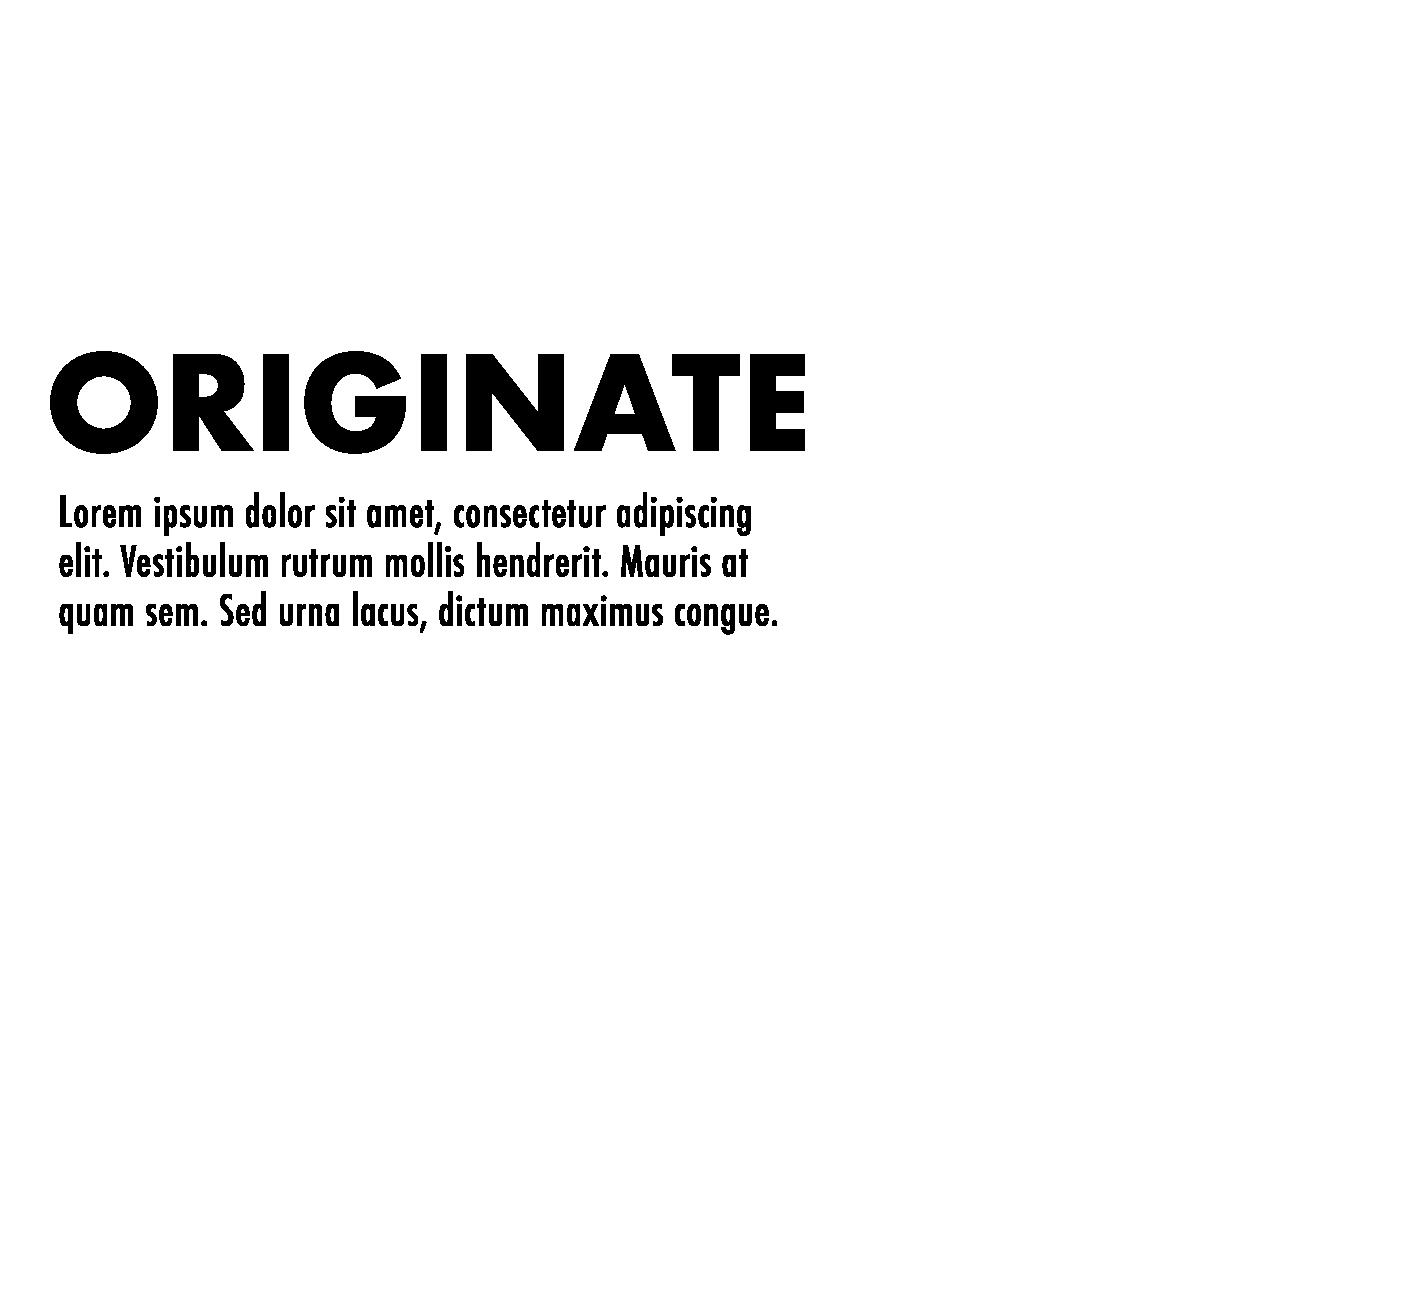 ORIGINATE-06-06.png